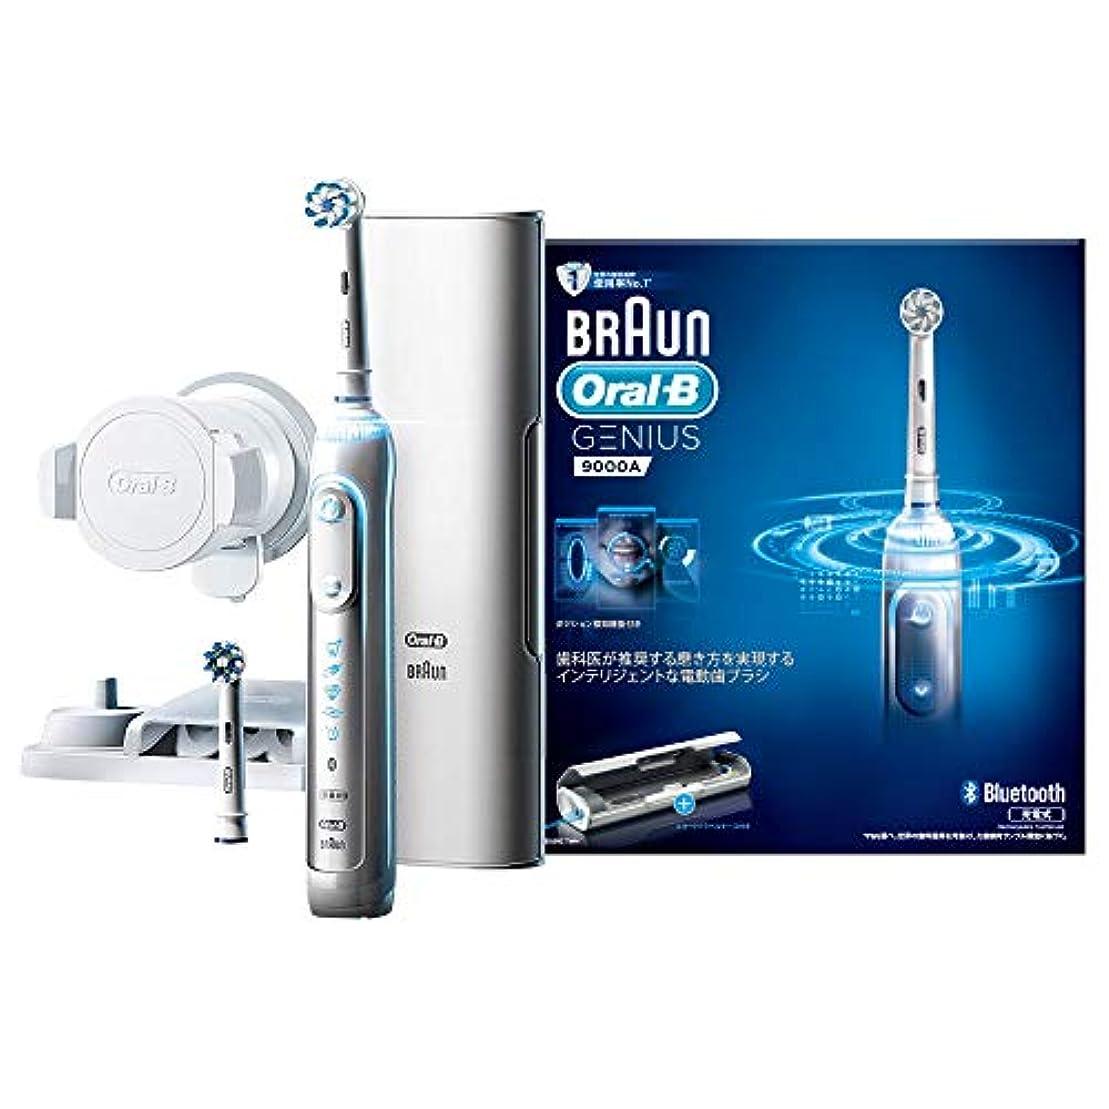 パーセント先入観シートブラウン オーラルB 電動歯ブラシ ジーニアス9000 ホワイト D7015256XCTWH